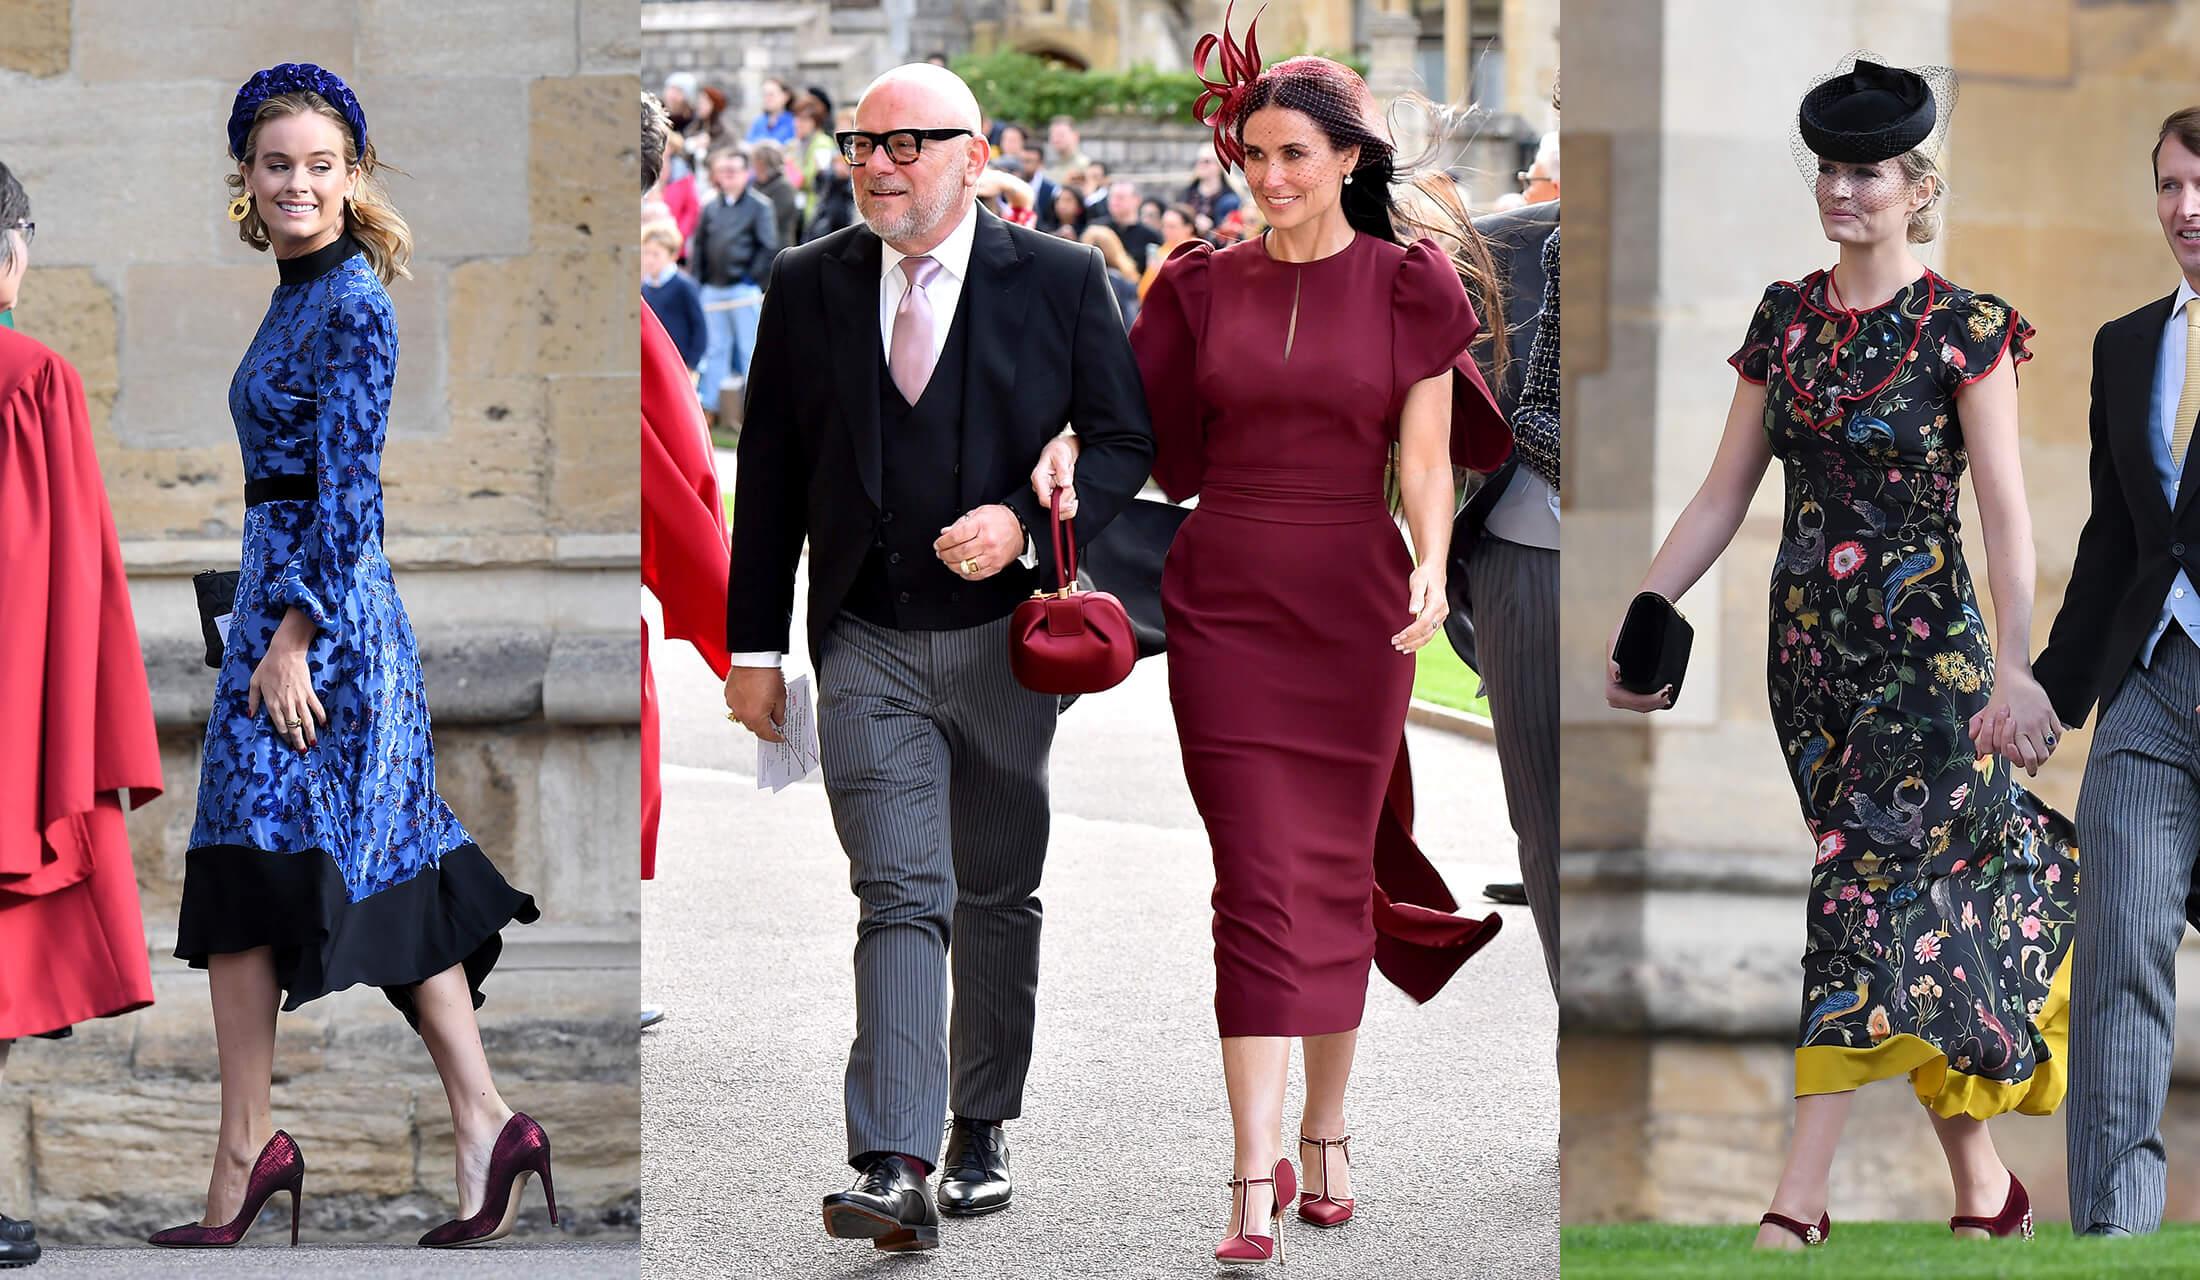 ユージェニー王女の結婚式に参列する海外セレブたちのスナップ写真